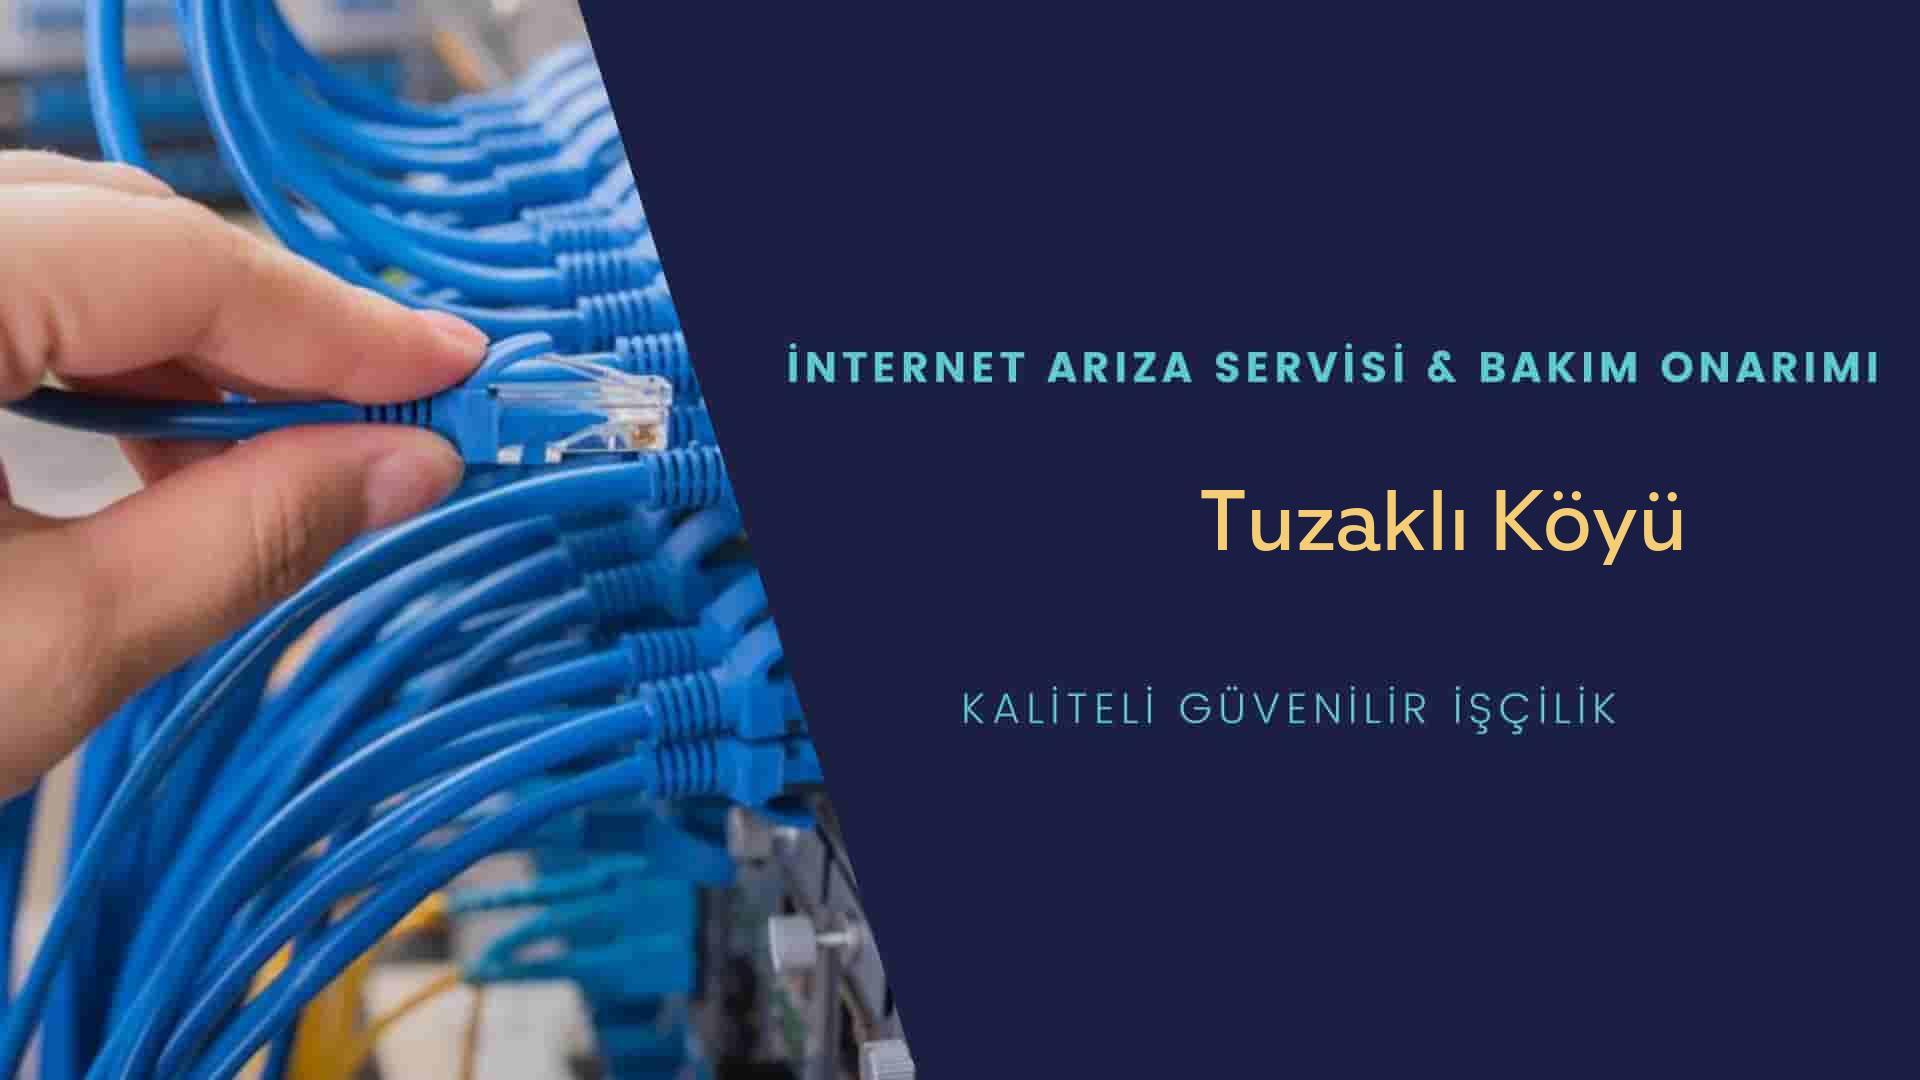 Tuzaklı Köyü internet kablosu çekimi yapan yerler veya elektrikçiler mi? arıyorsunuz doğru yerdesiniz o zaman sizlere 7/24 yardımcı olacak profesyonel ustalarımız bir telefon kadar yakındır size.